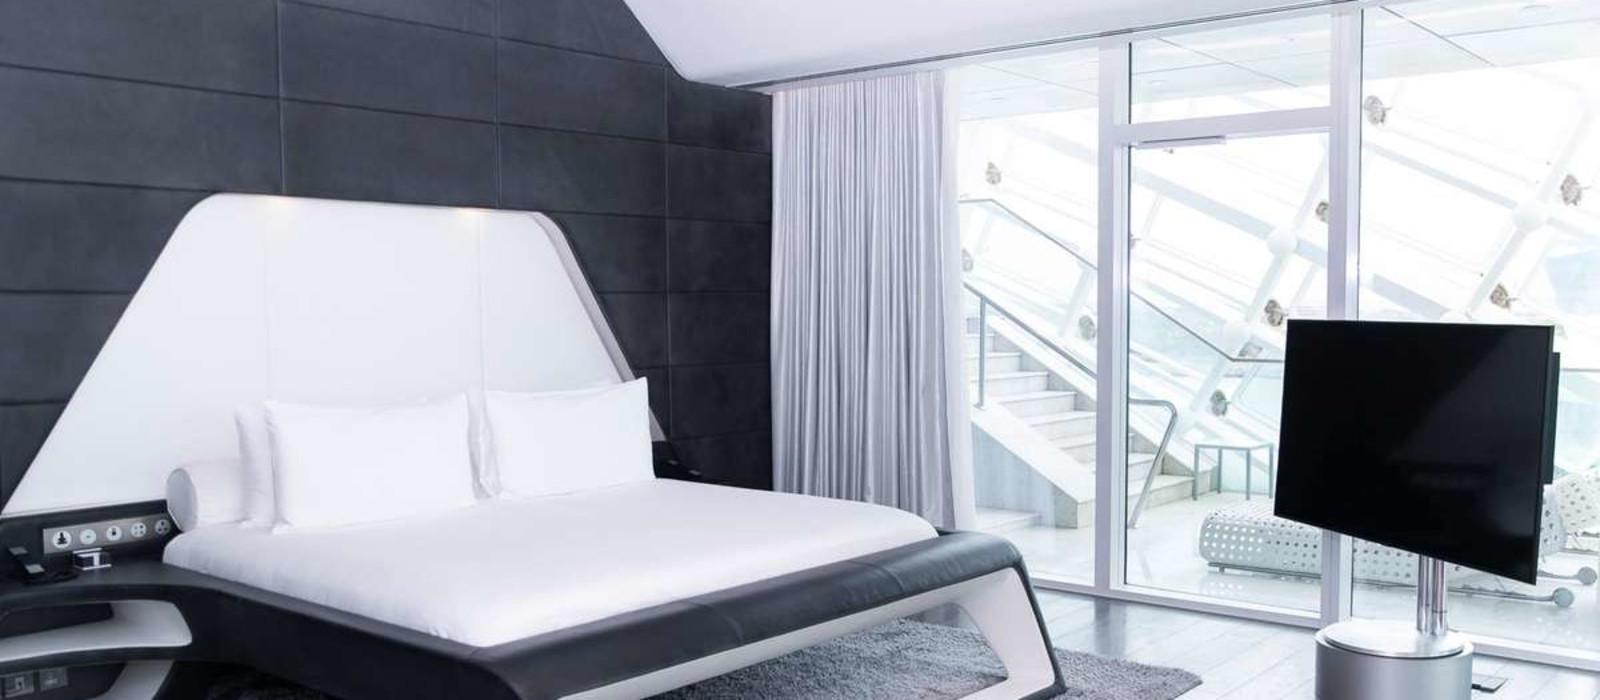 Hotel W Abu Dhabi – Yas Island %region%